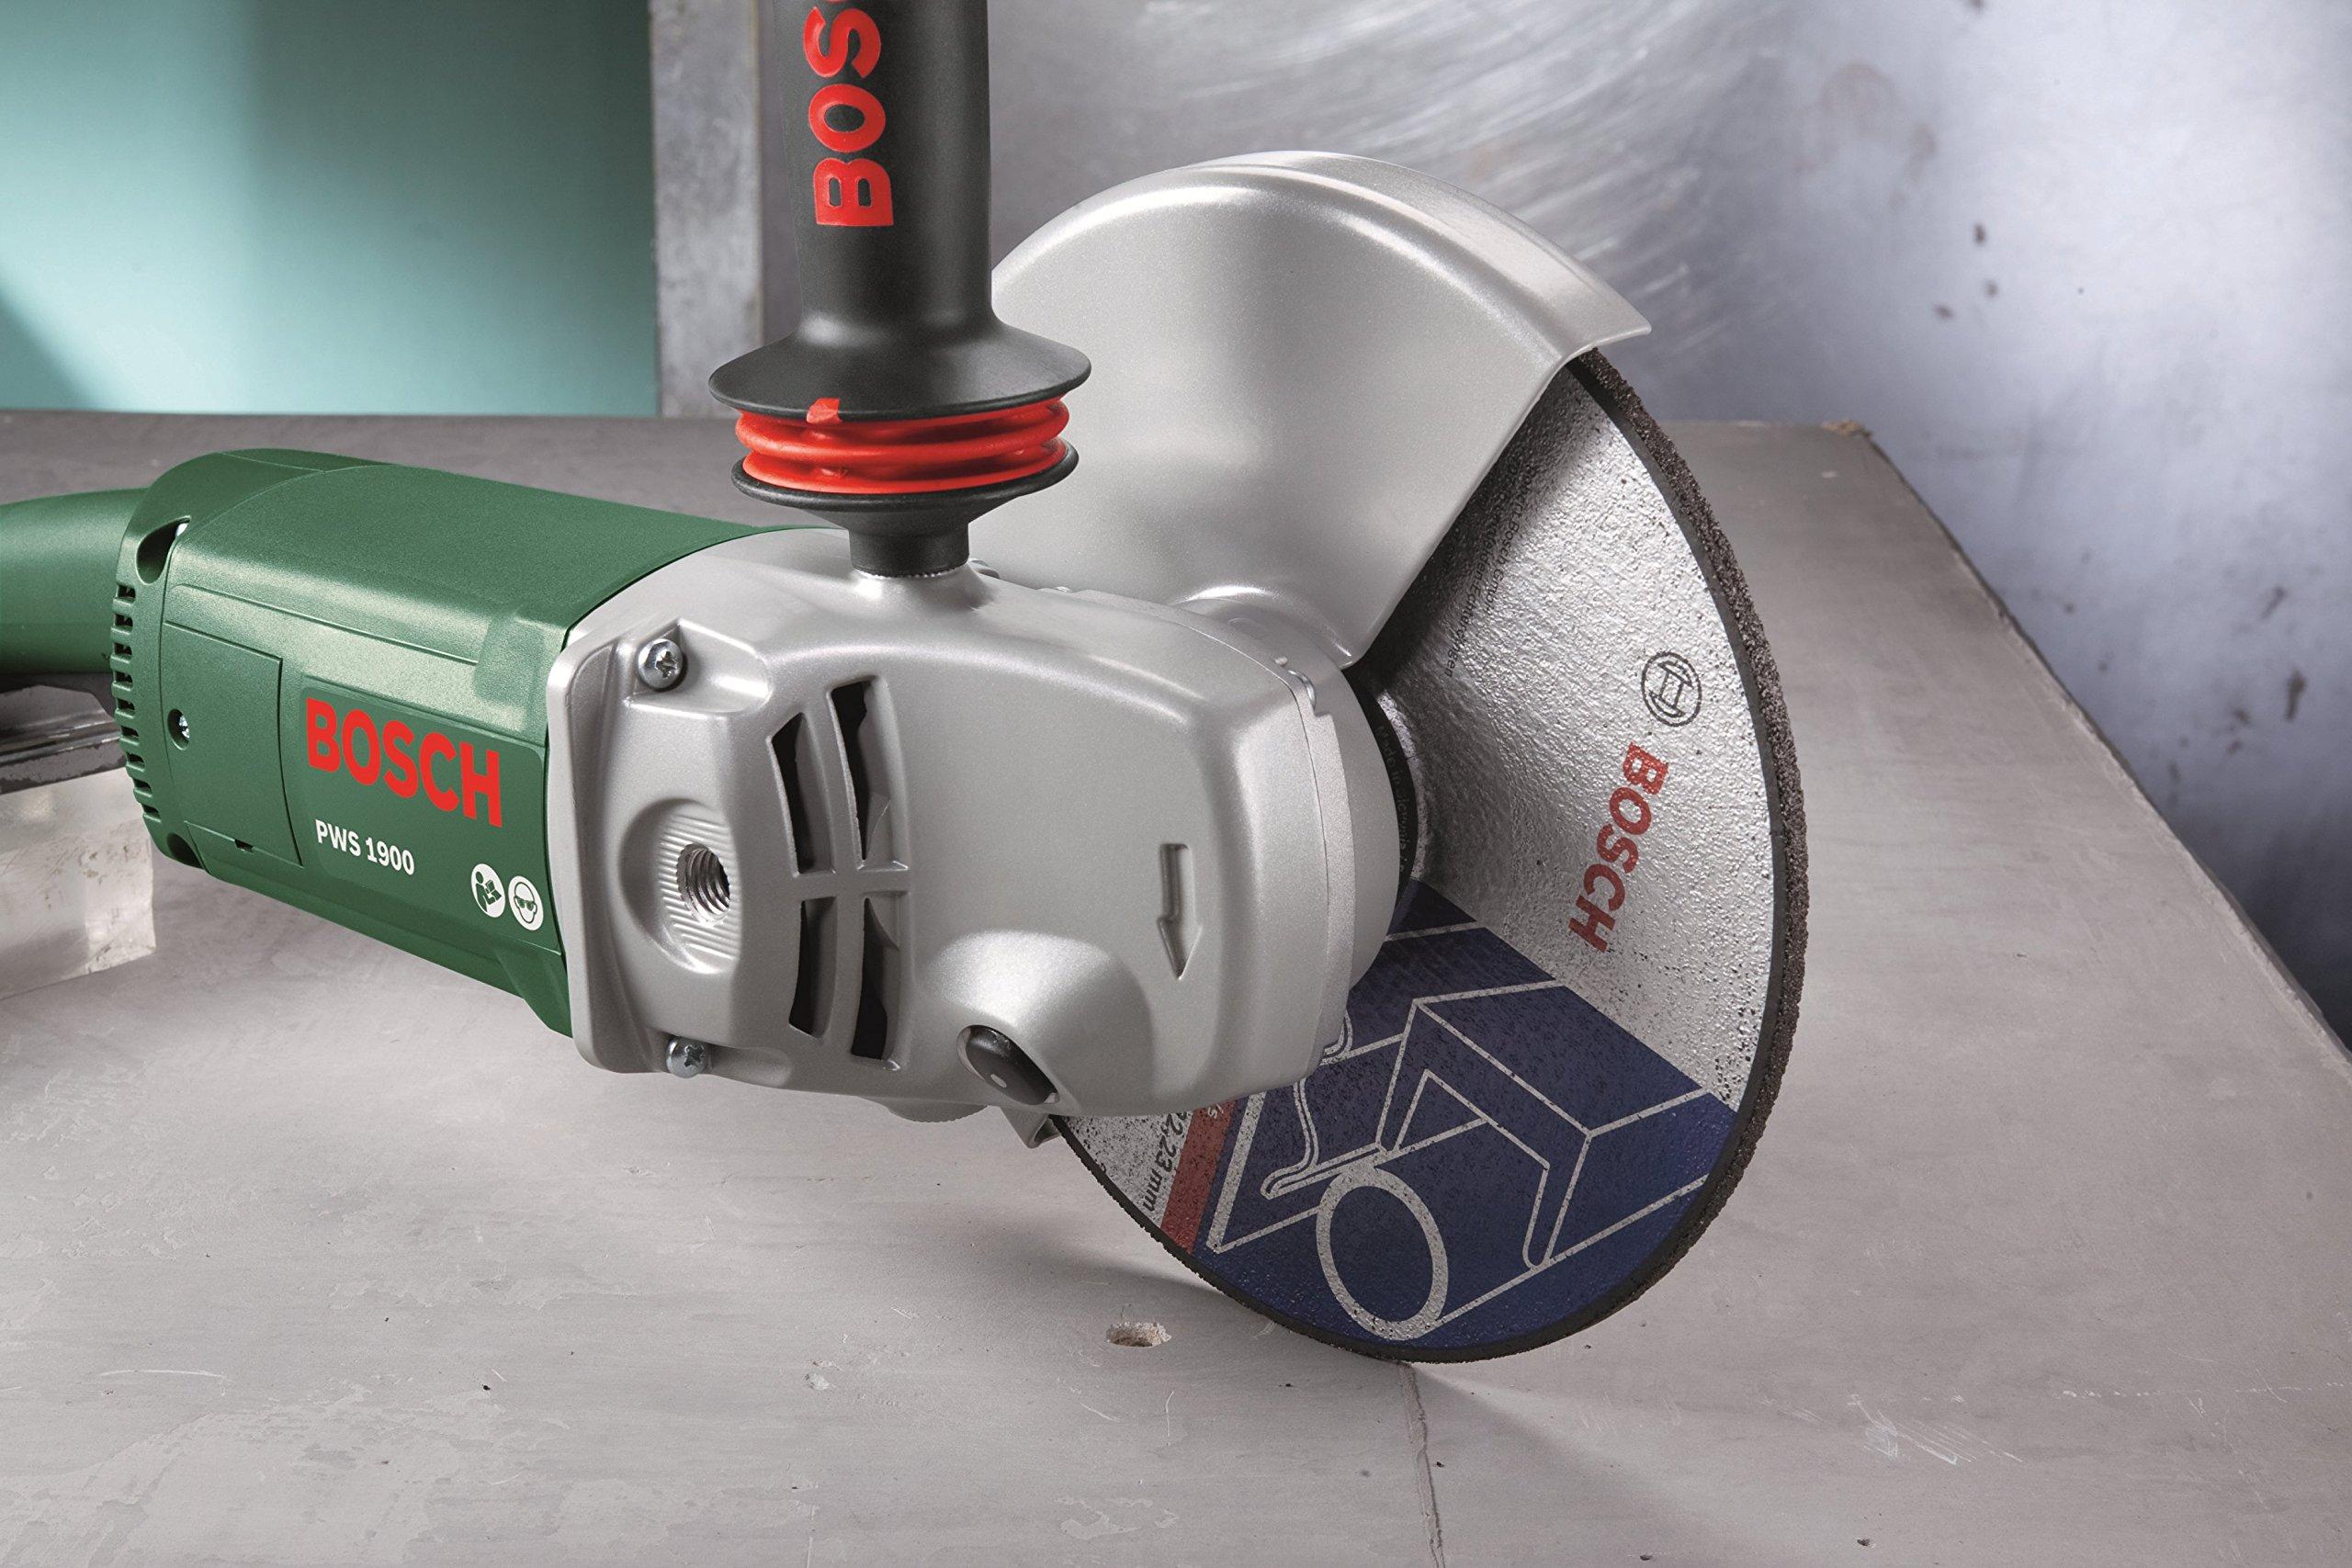 Bosch Home and Garden 0.603.359.W03 Amoladora, 240 V, 1900 W, Ø230 mm